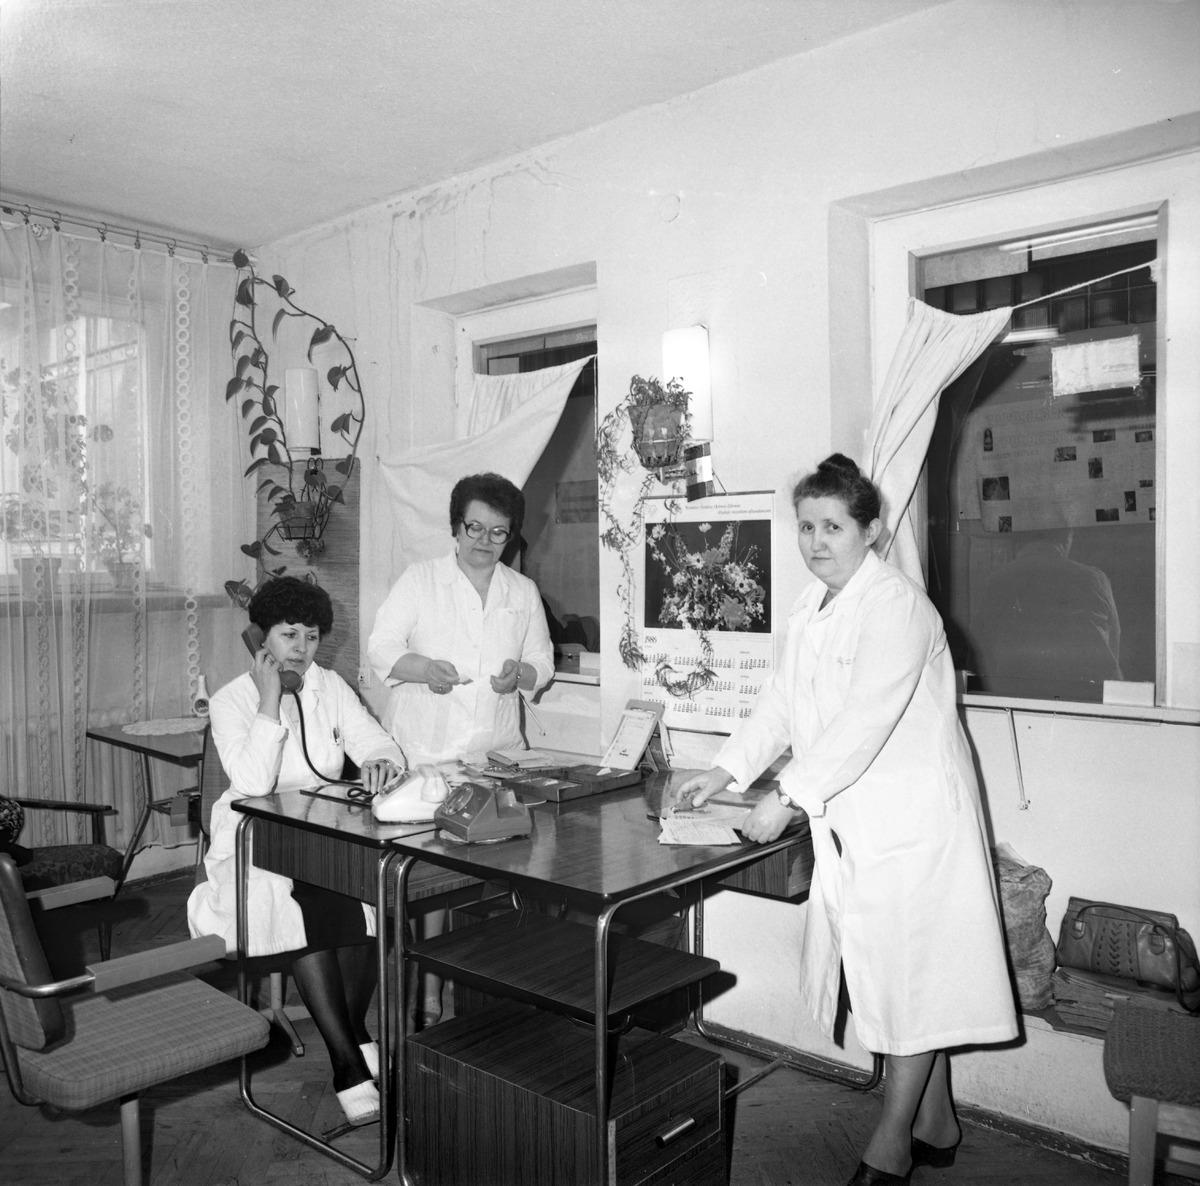 Dzień Służby Zdrowia w szpitalu ZOZ, 1986 r. [3]